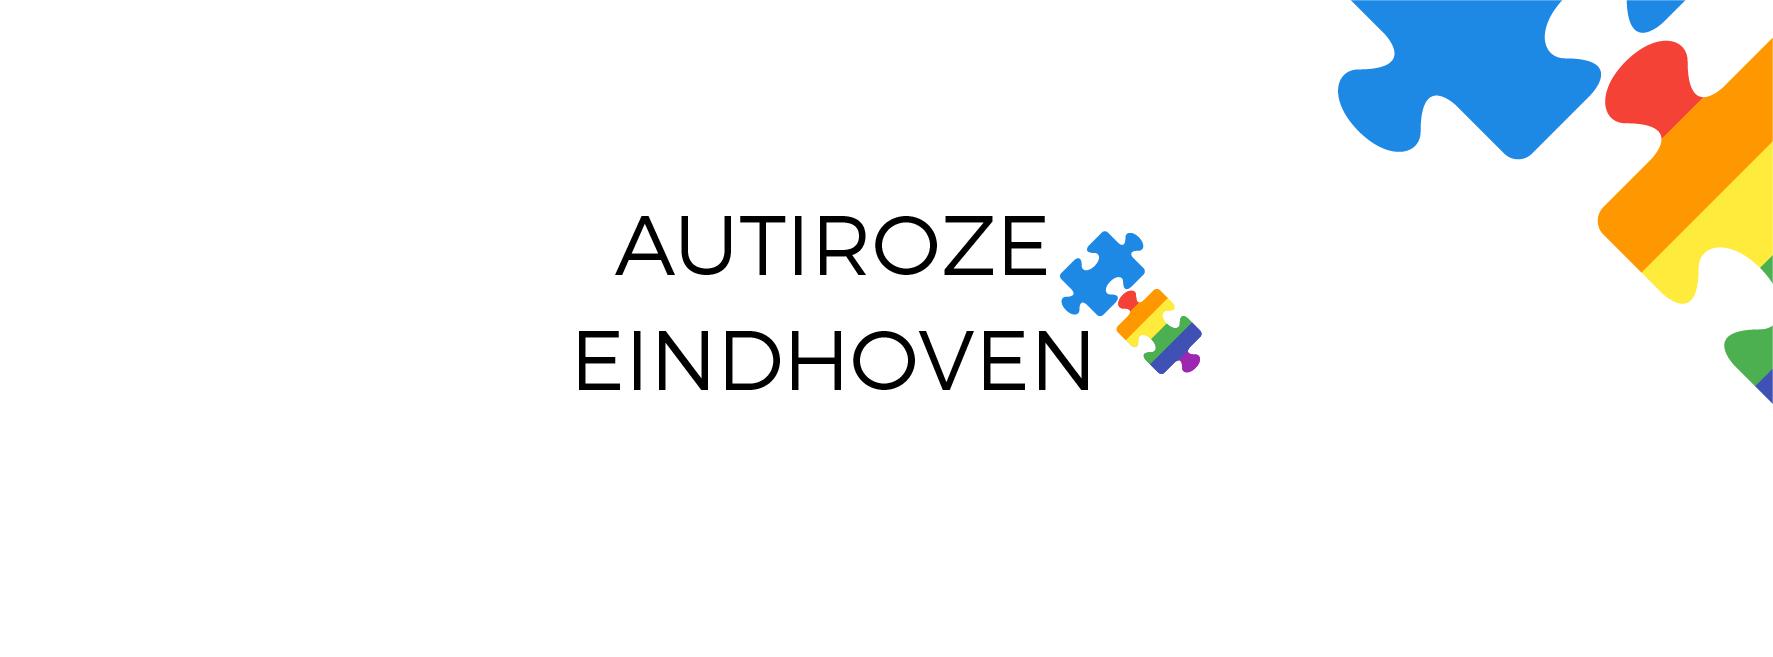 Autiroze Eindhoven